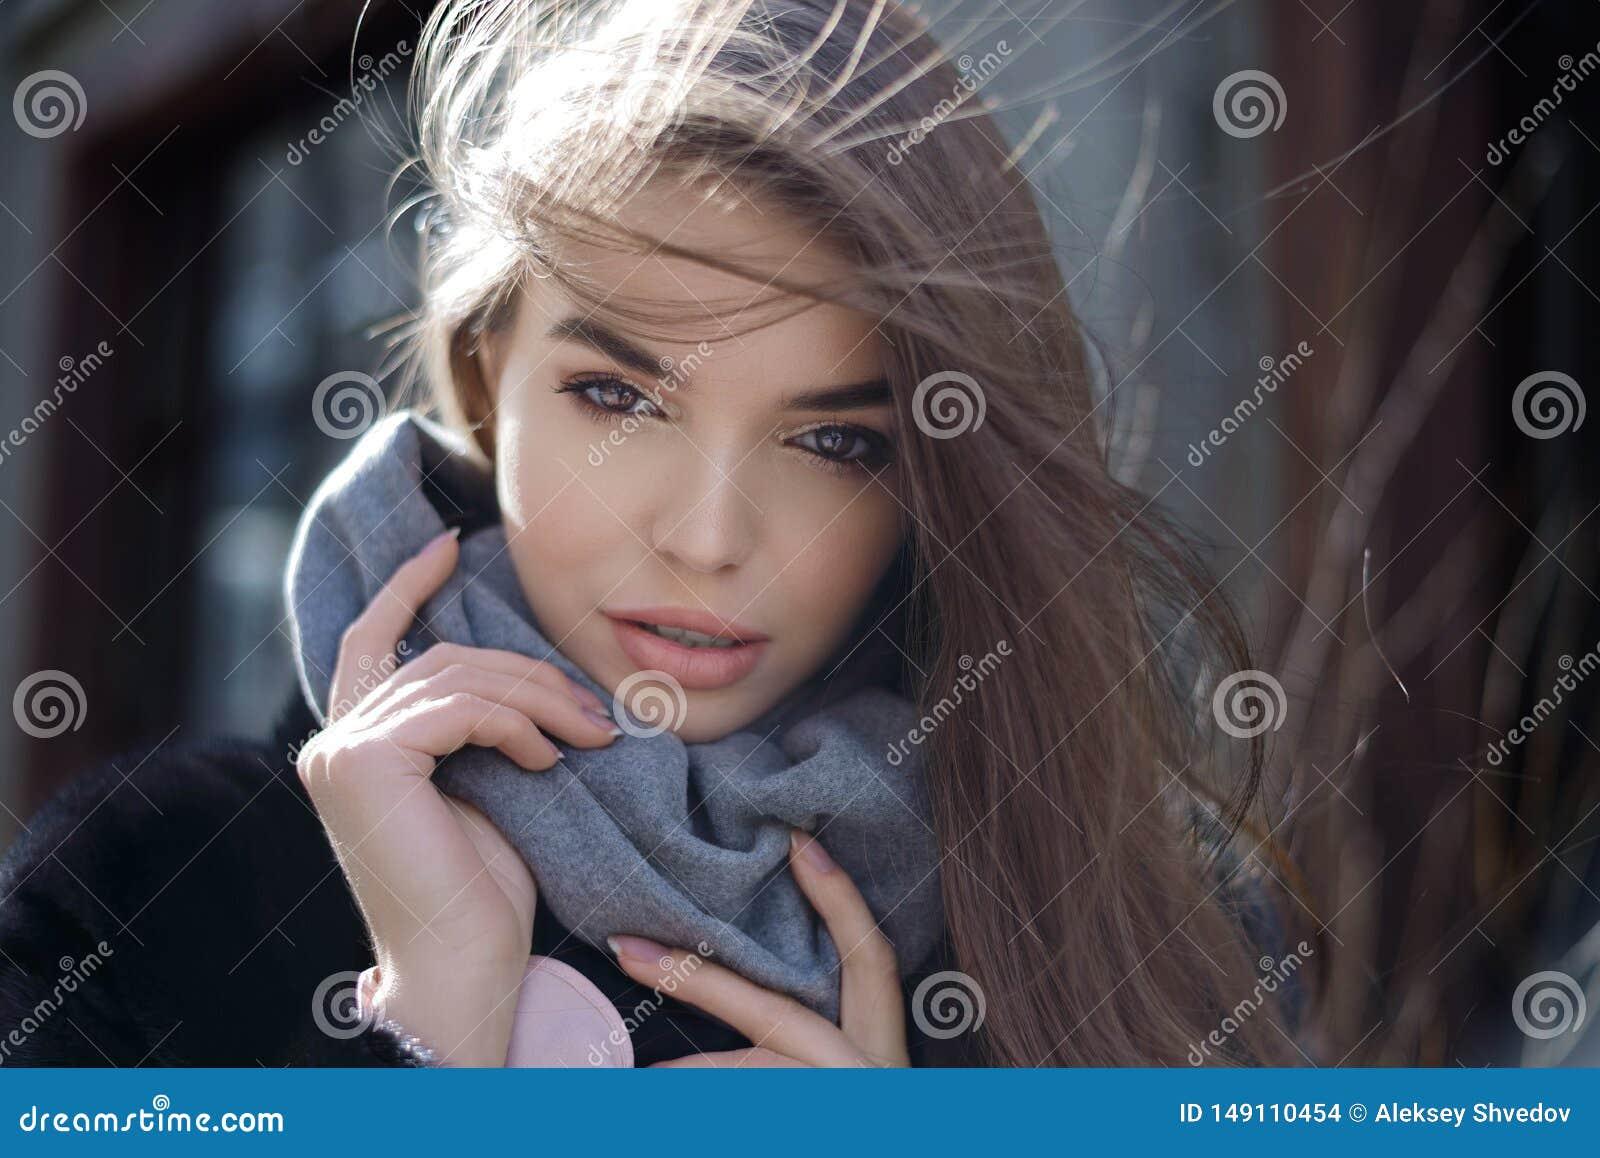 Retrato soleado de la moda de la forma de vida del verano de la mujer elegante joven que camina en la calle, equipo de moda lindo